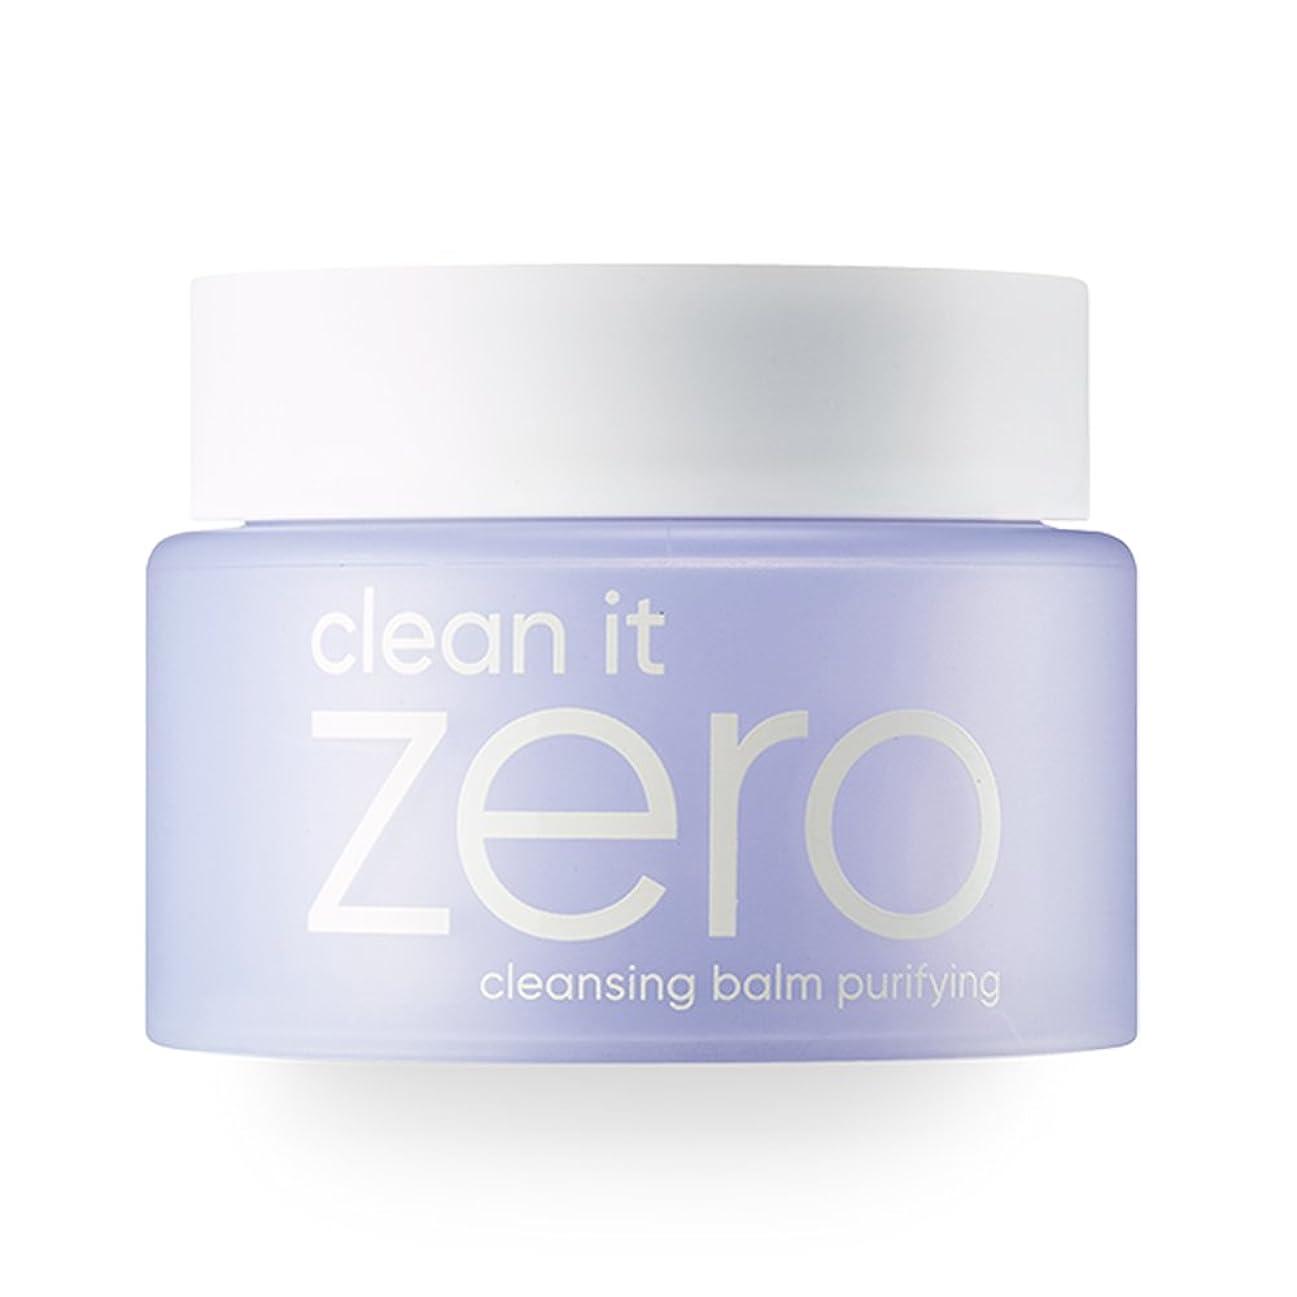 植木今まで石BANILA CO(バニラコ) クリーン イット ゼロ クレンジング バーム ピュリファイング Clean It Zero Purifying